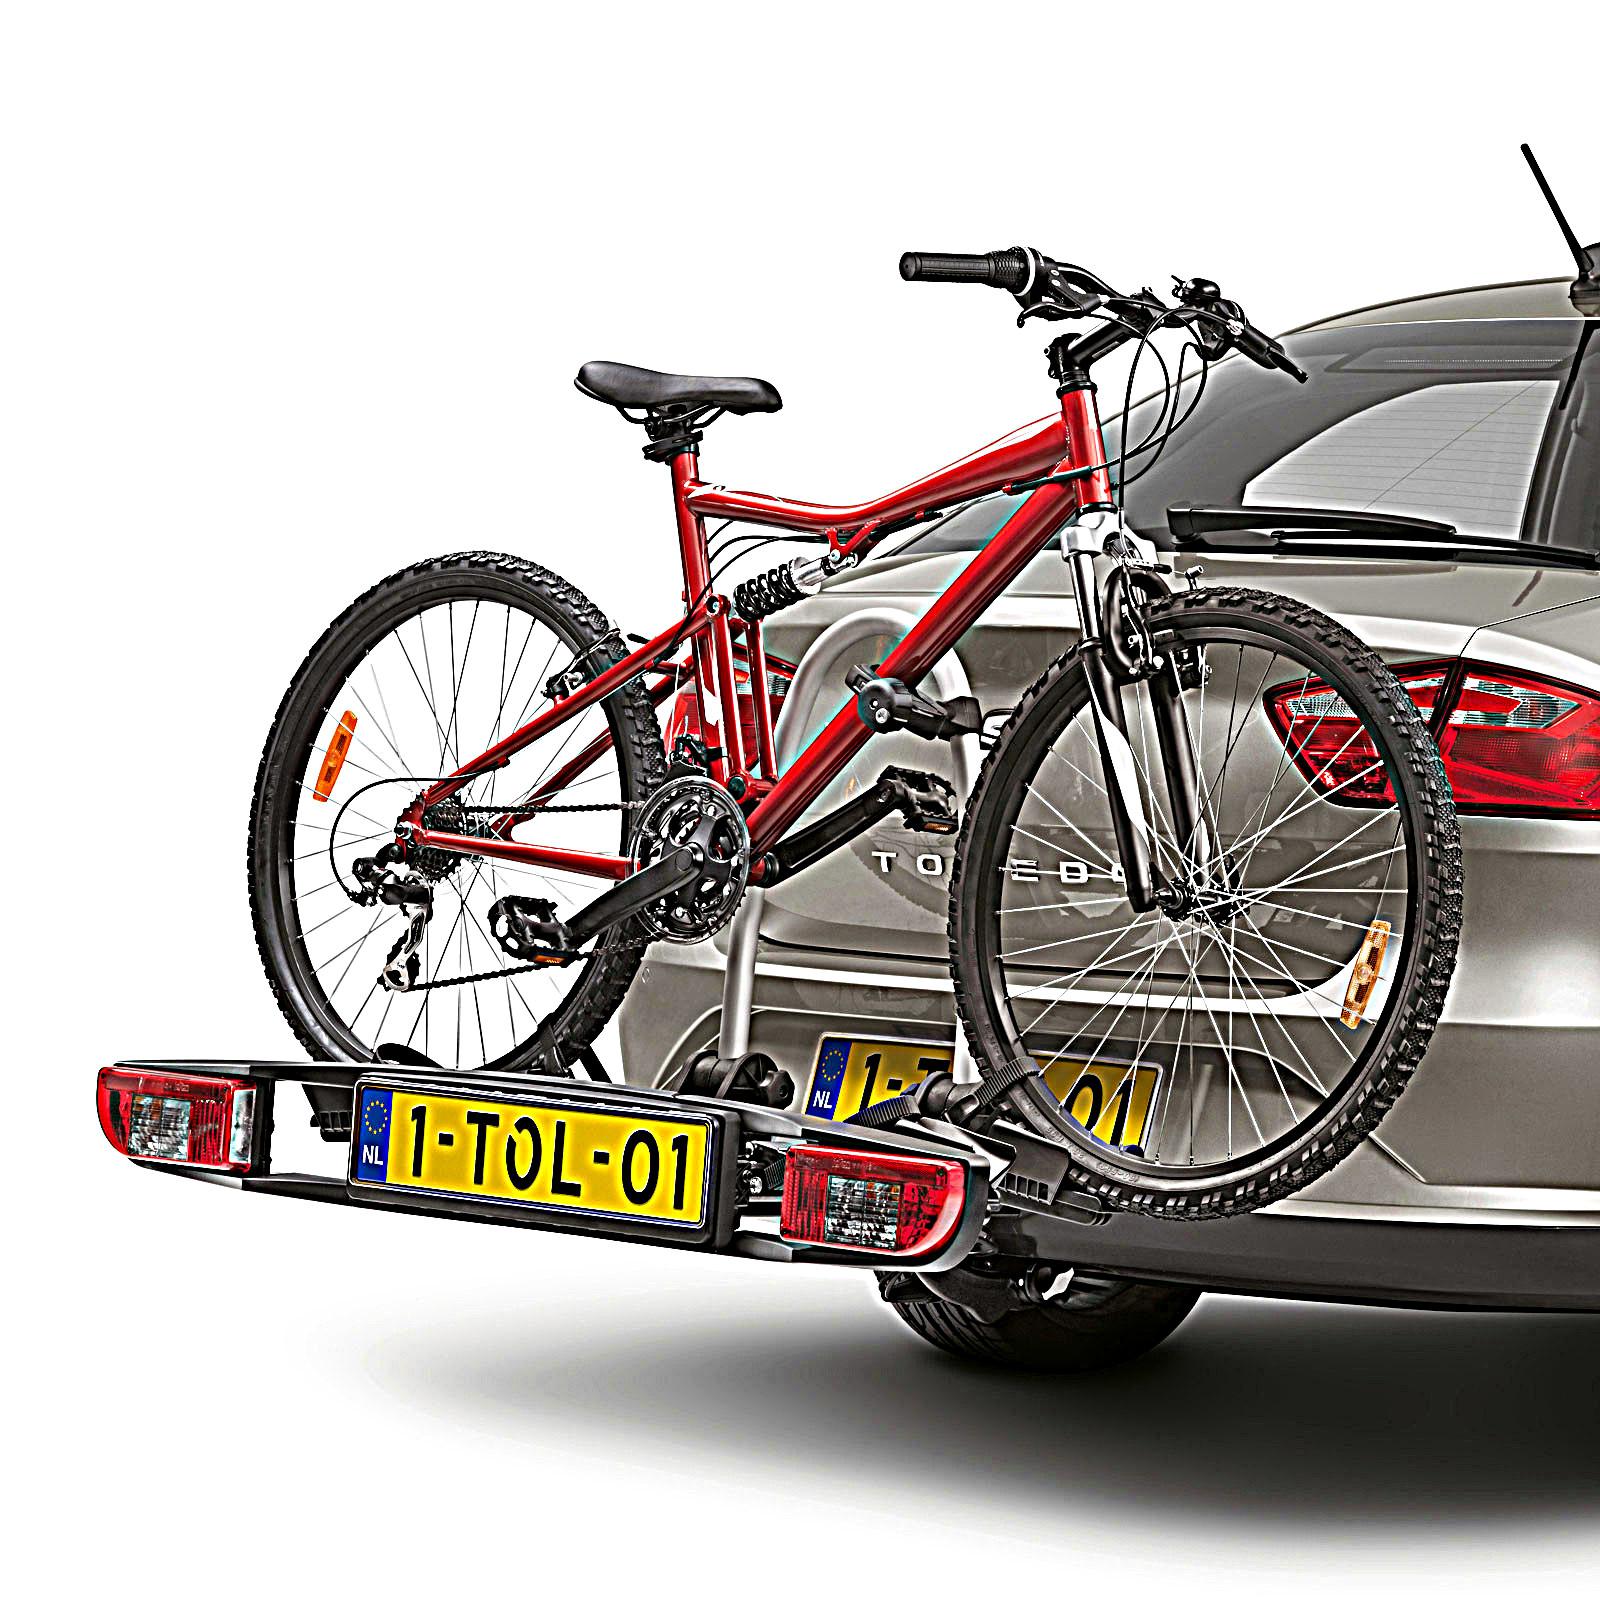 SEAT originele fietsendrager voor zware fietsen. Van € 549,- voor € 449,-